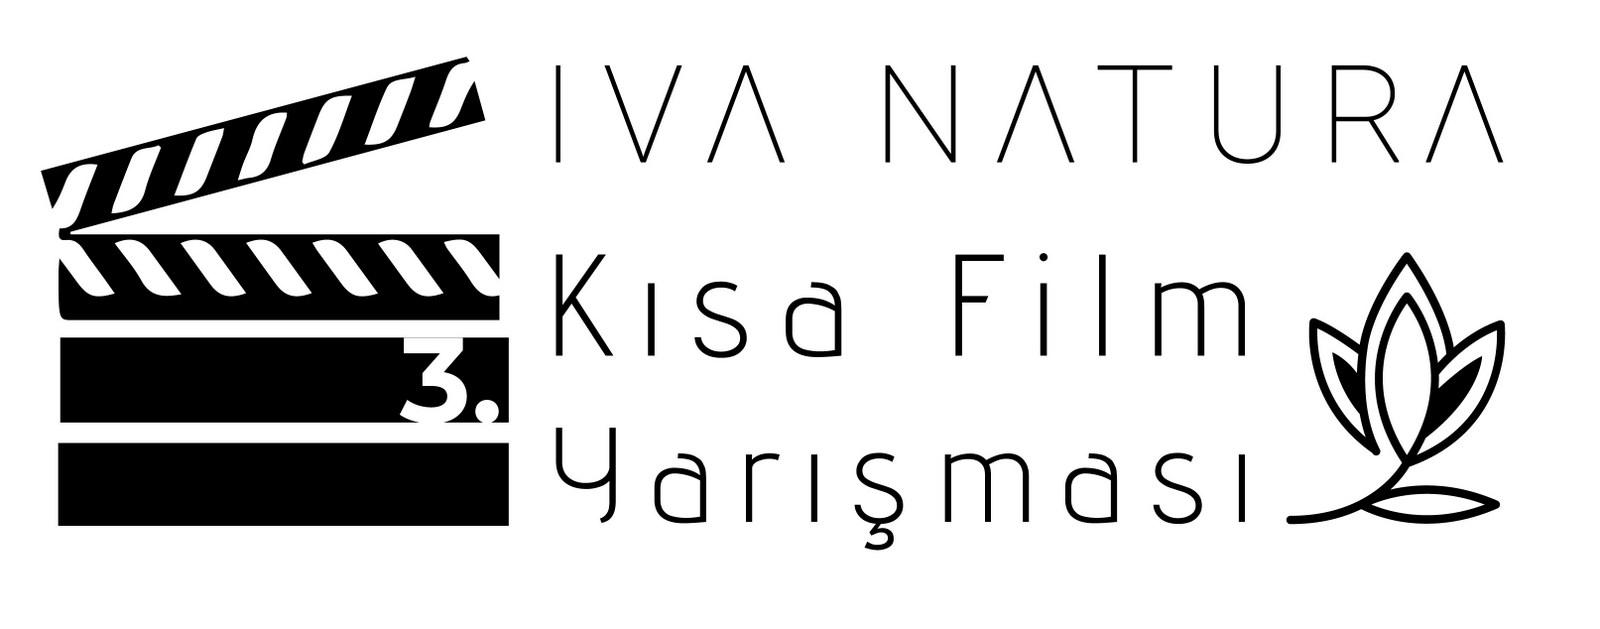 Iva Natura Kısa Film Yarışması.jpg